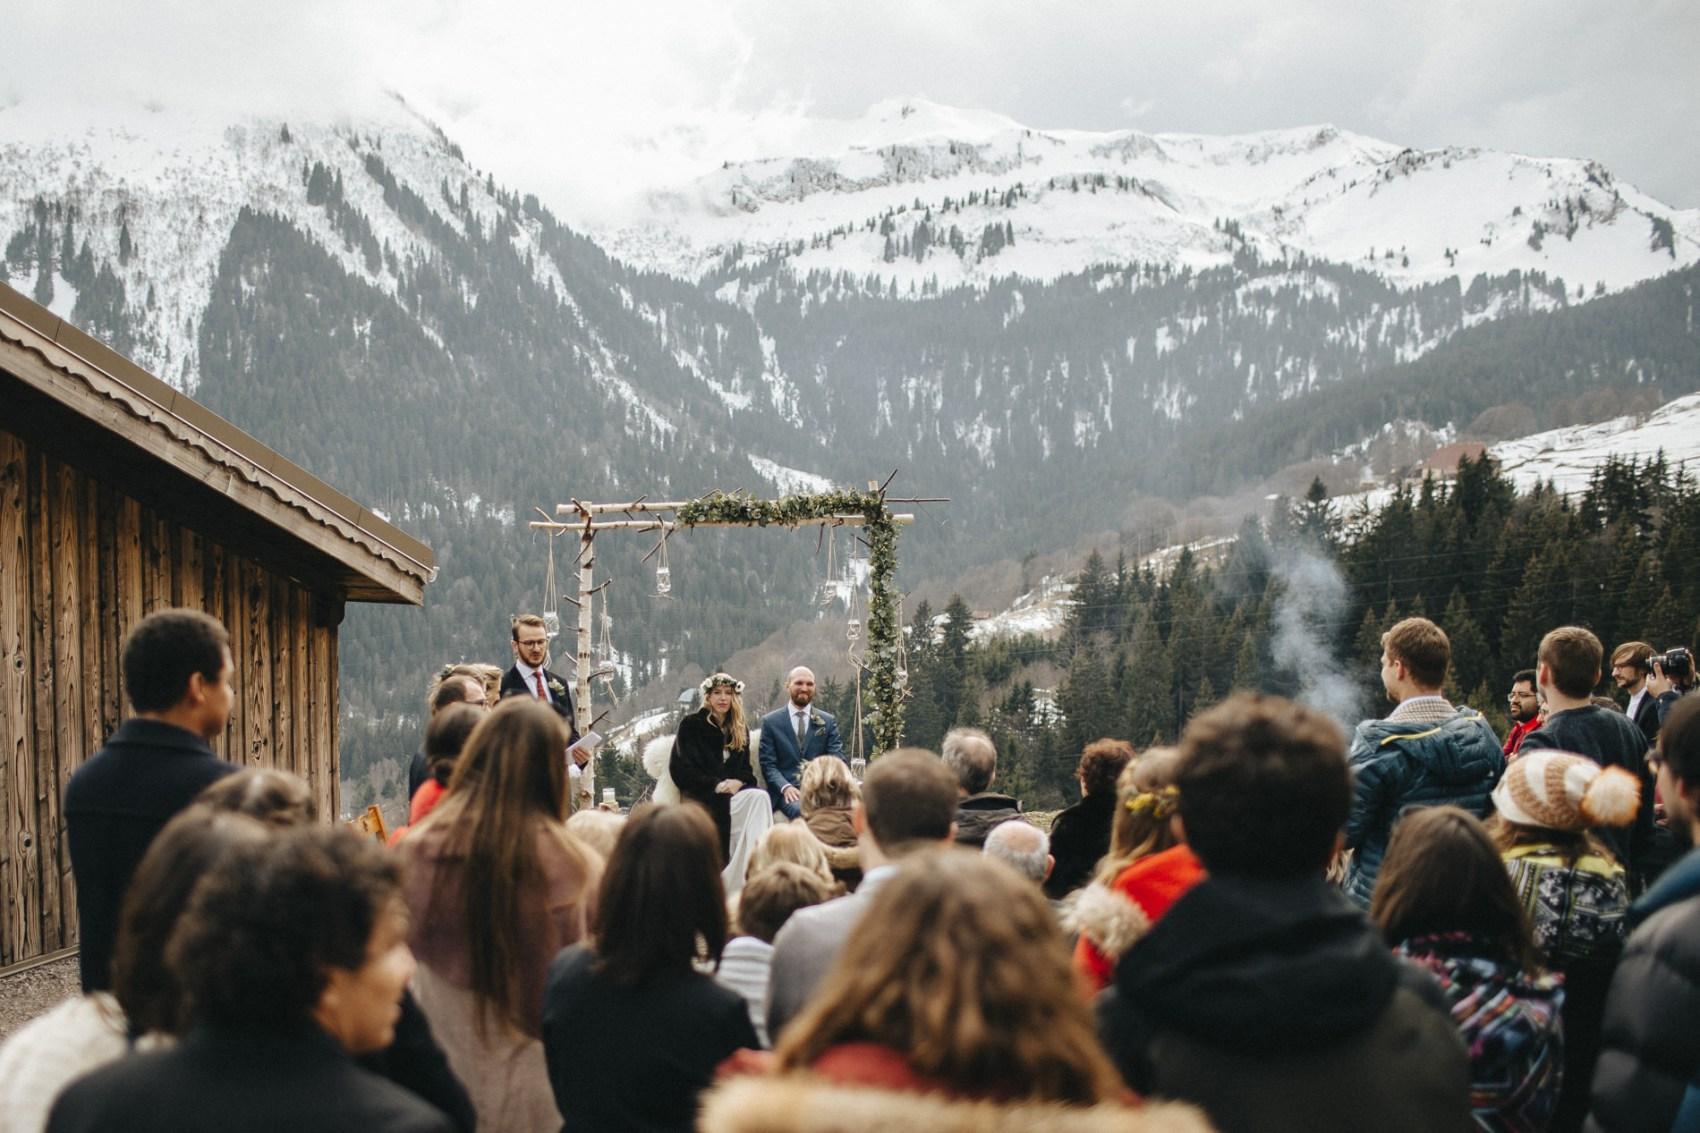 mariage-montagne-le-gite-du-passant-savoie-104.jpg